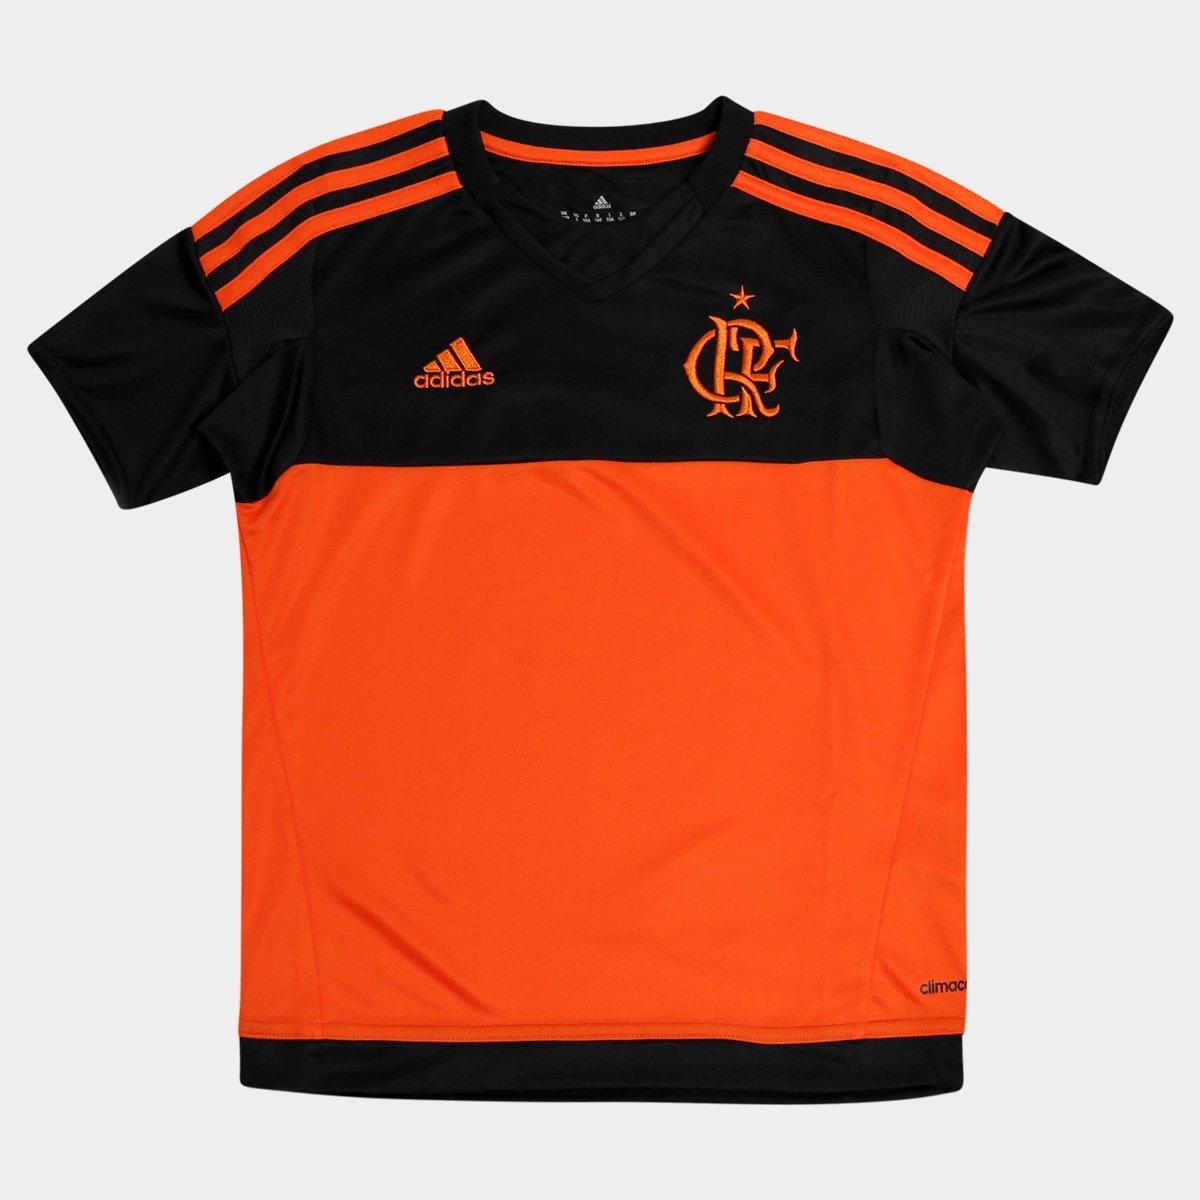 2b6765fc0e Camisa Flamengo Infantil Goleiro 2015 s nº Torcedor Adidas - Compre Agora